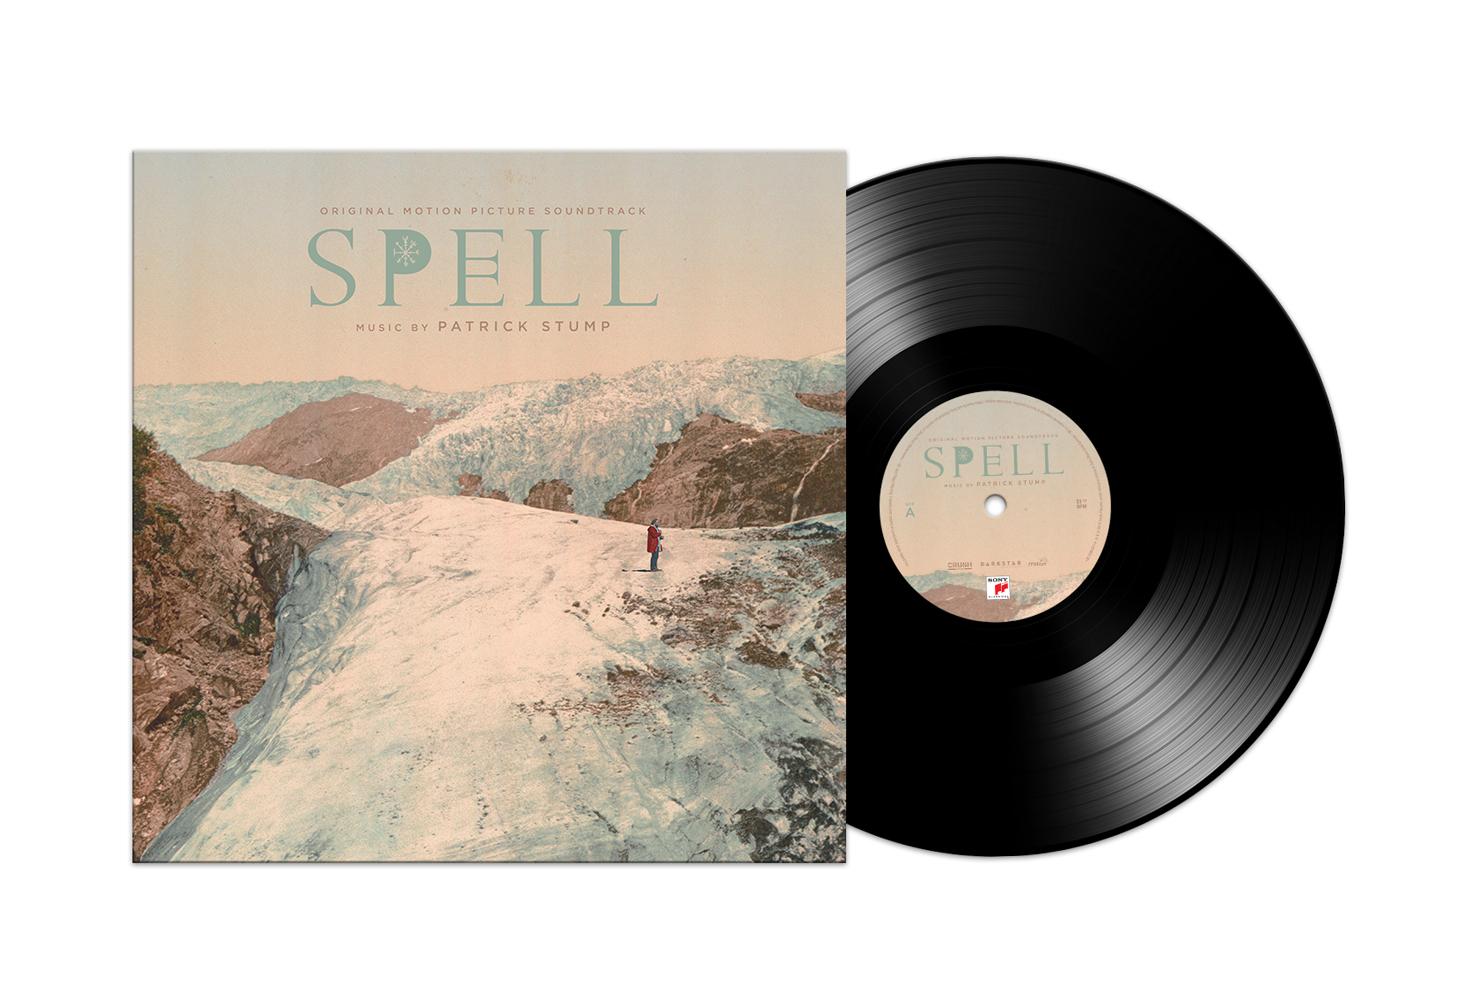 Spell_LP_Packshot_Cover-Vinyl